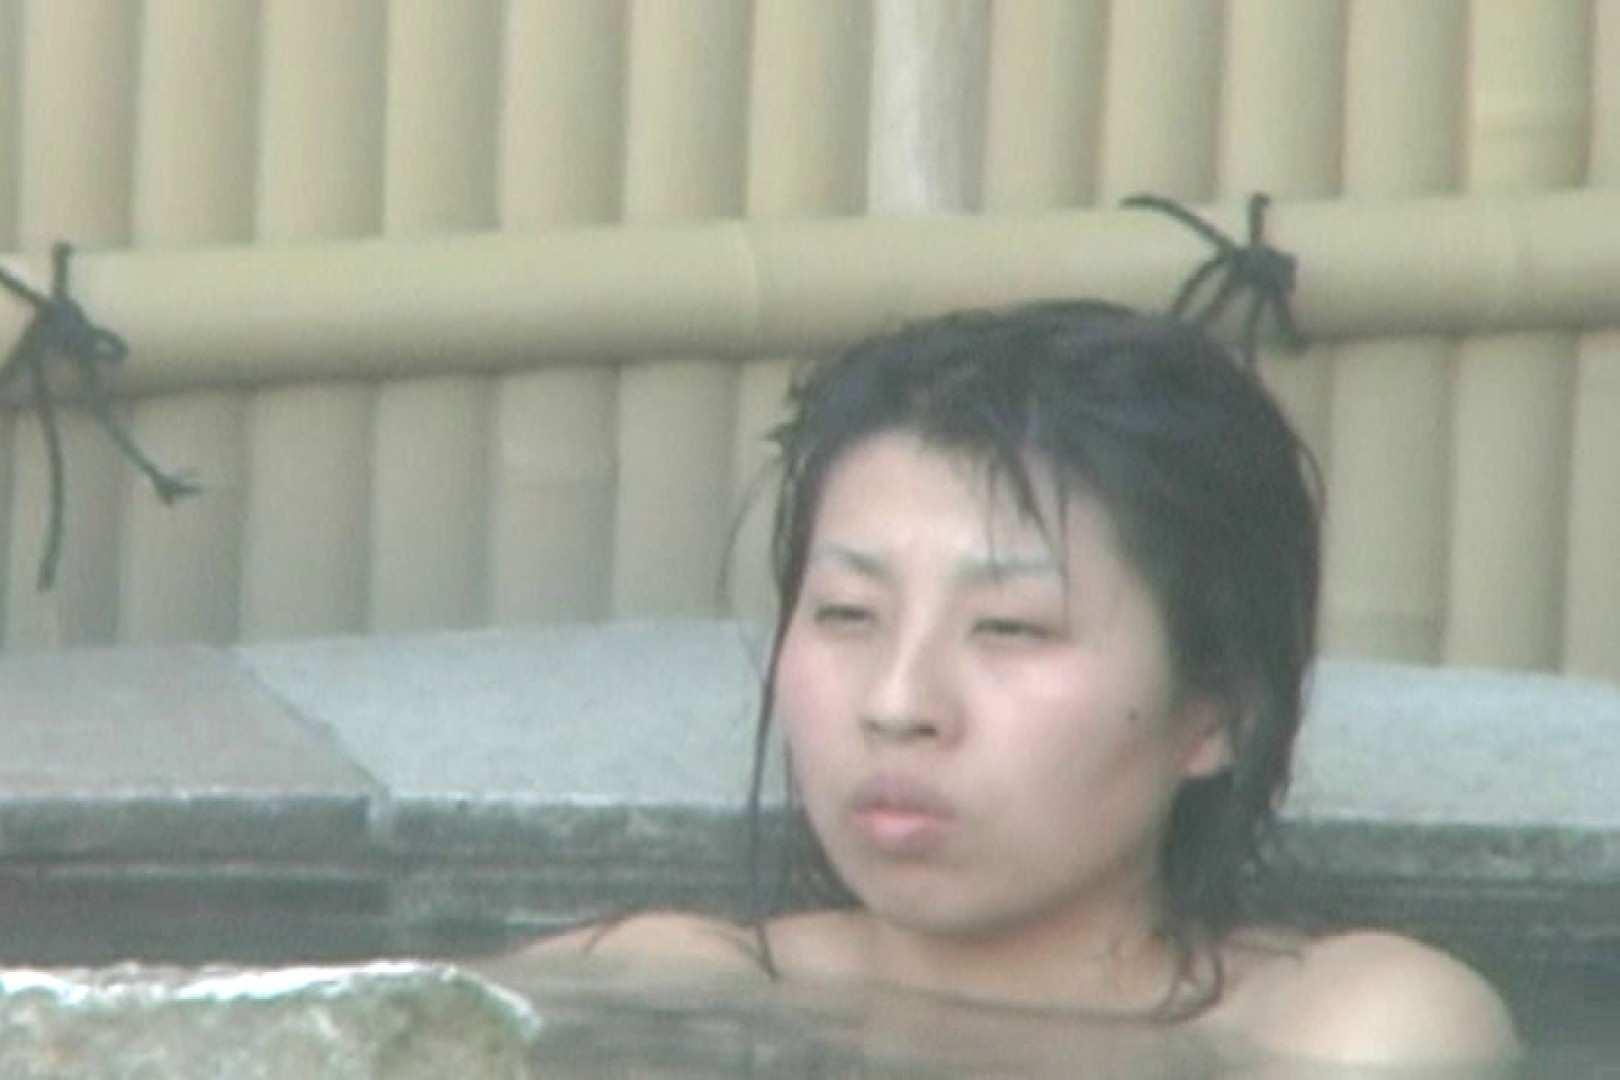 Aquaな露天風呂Vol.589 盗撮シリーズ  113PIX 52